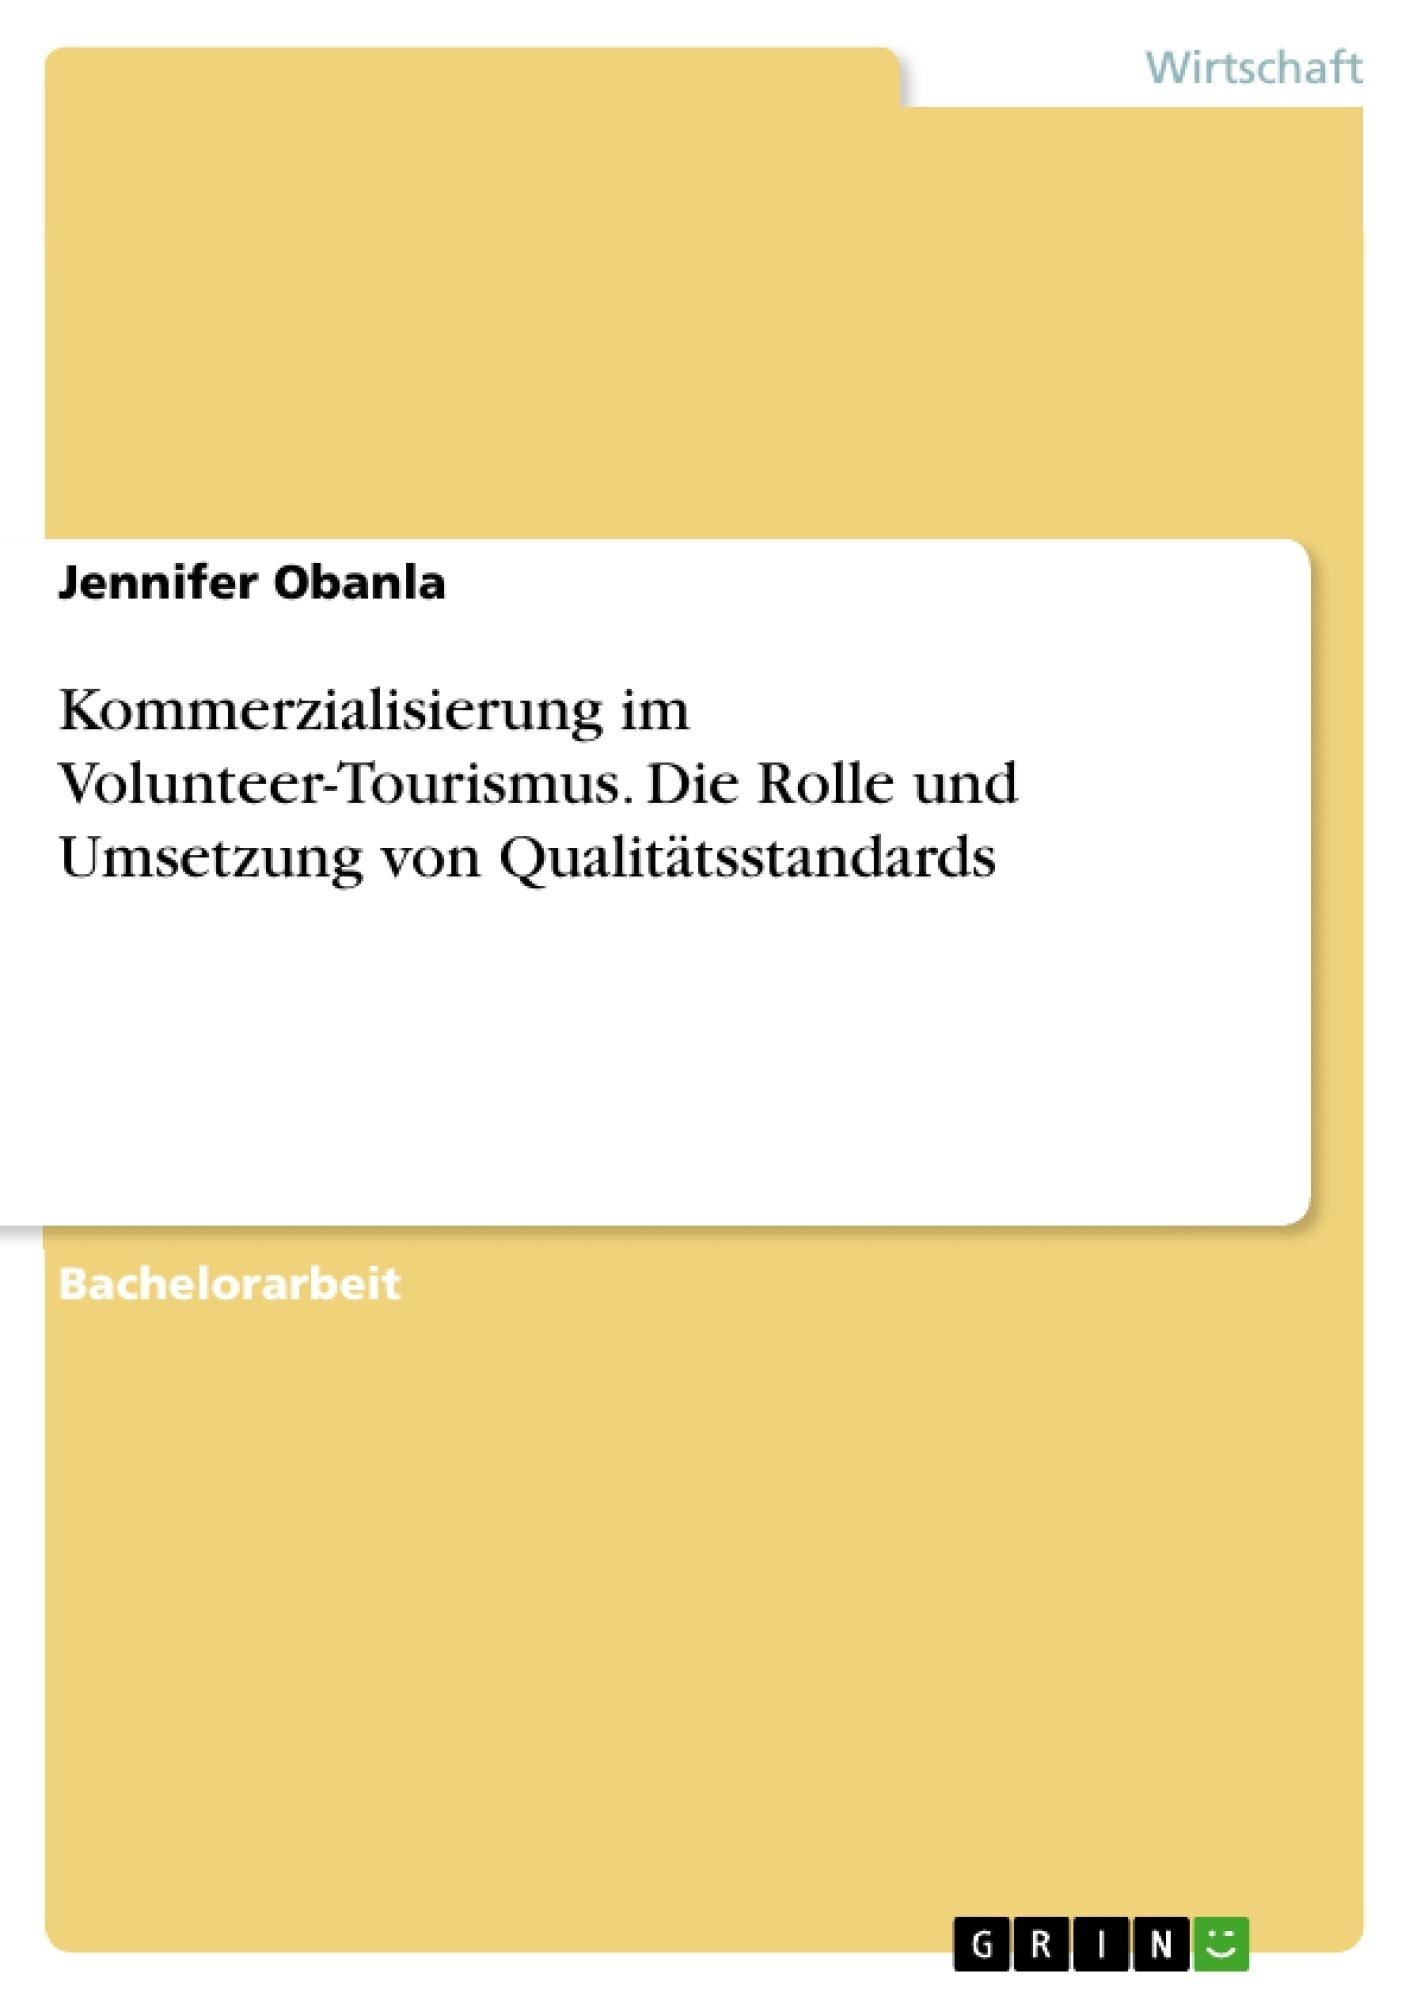 Titel: Kommerzialisierung im Volunteer-Tourismus. Die Rolle und Umsetzung von Qualitätsstandards